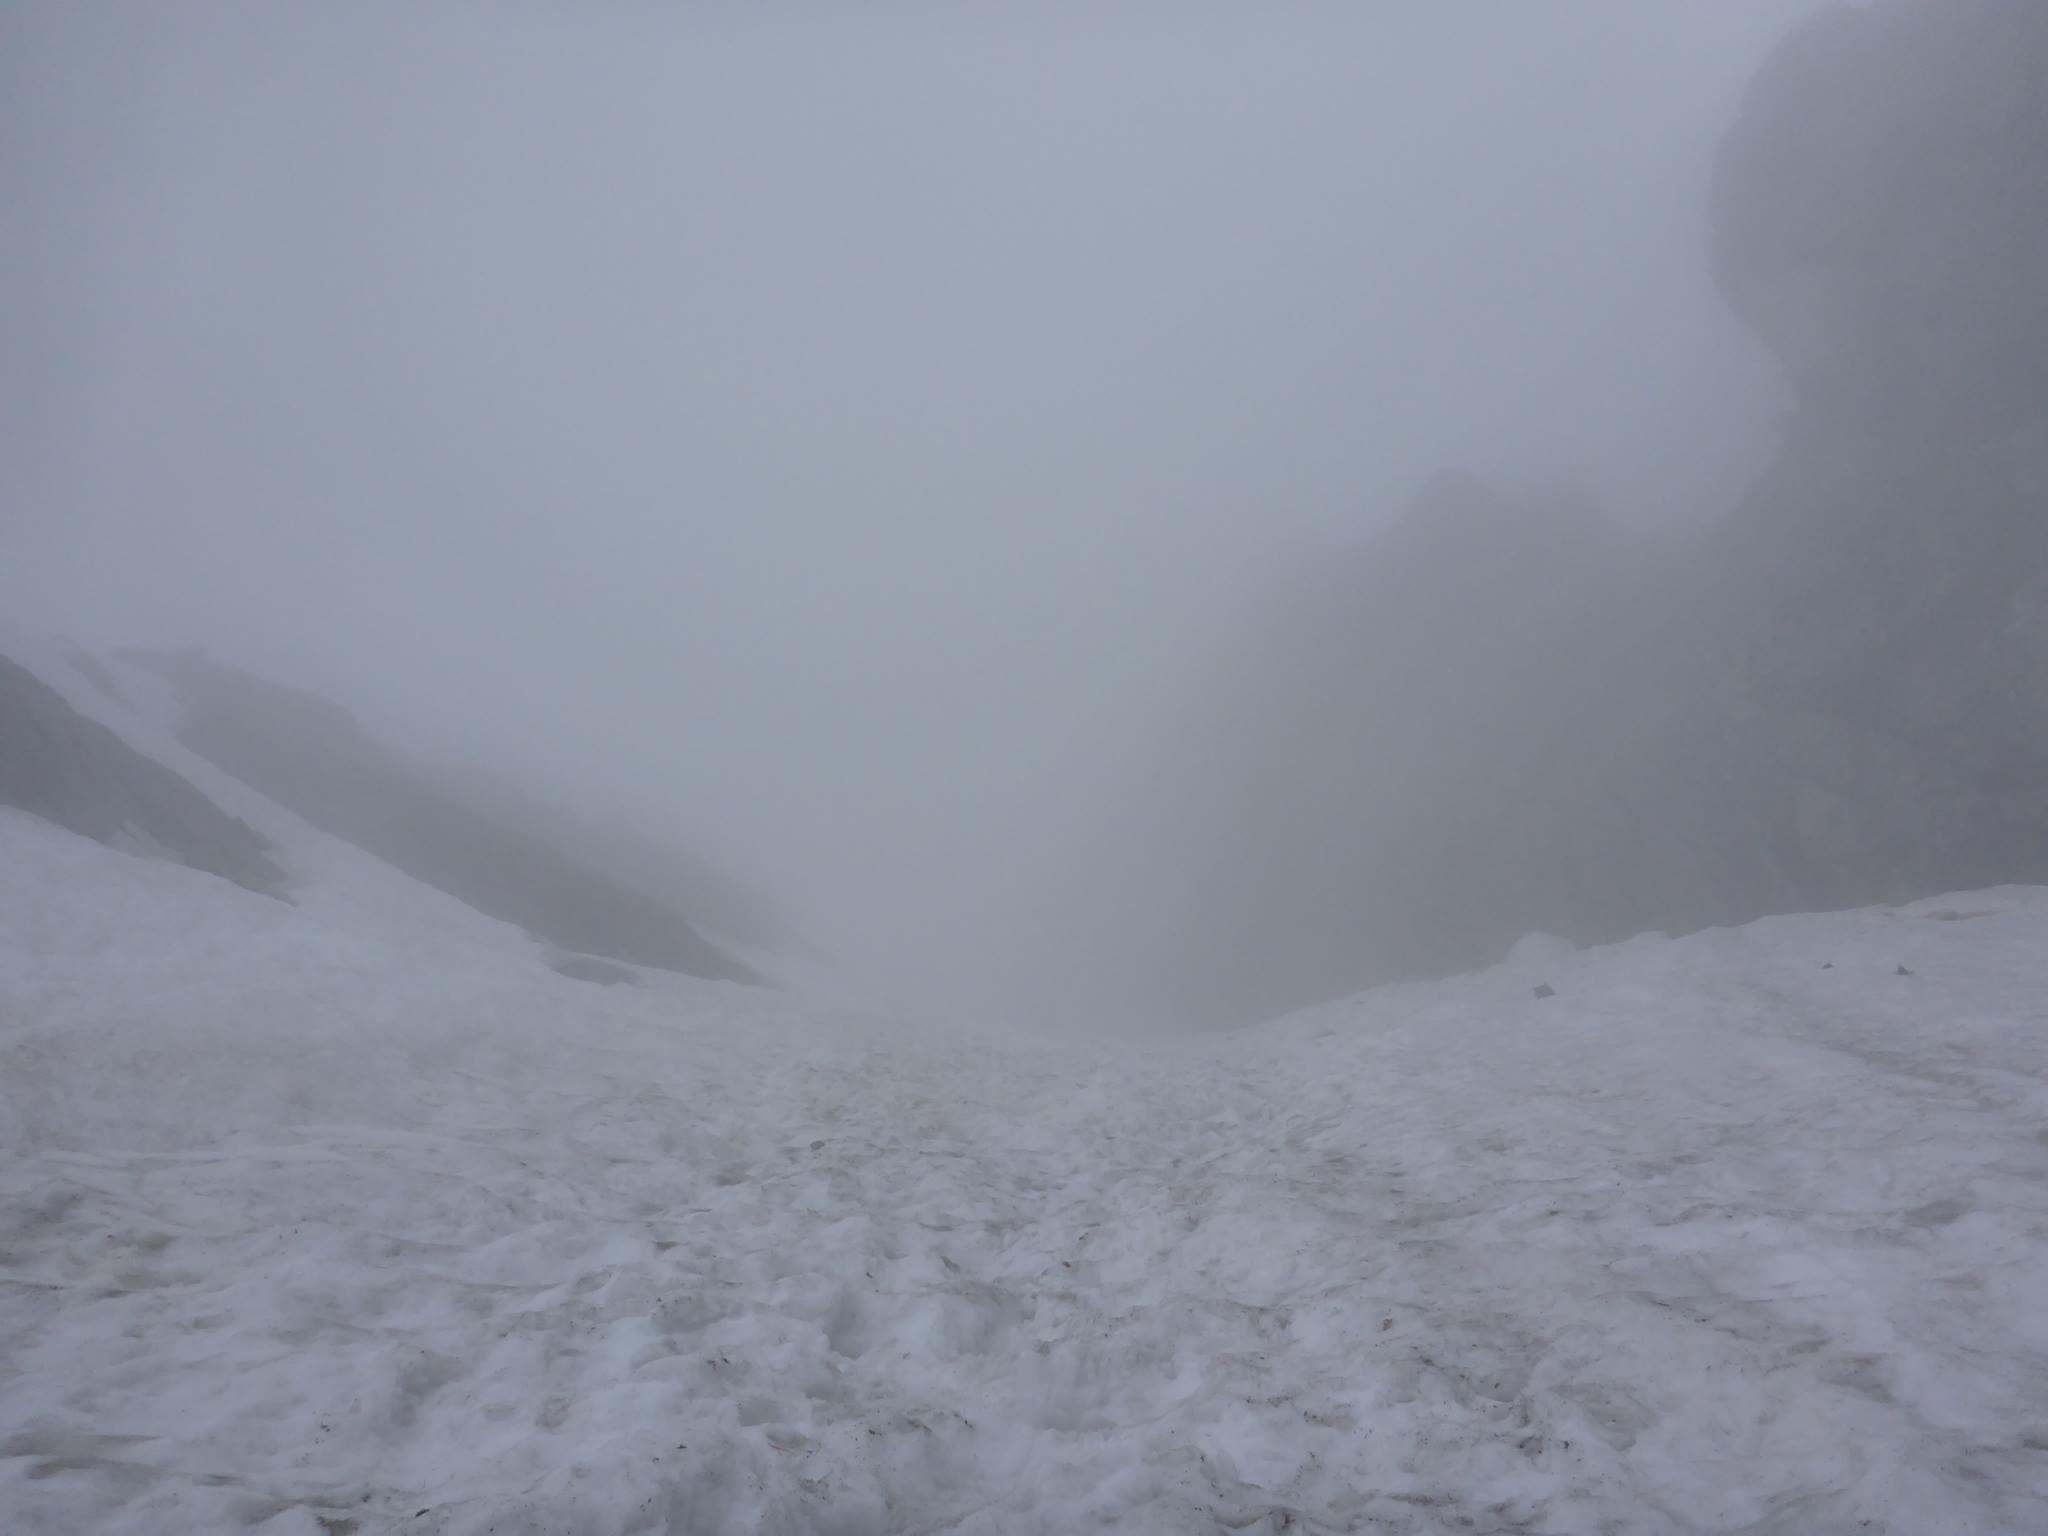 Le brouillard arrrive et avec lui un vent puissant qui me pousse en arrière